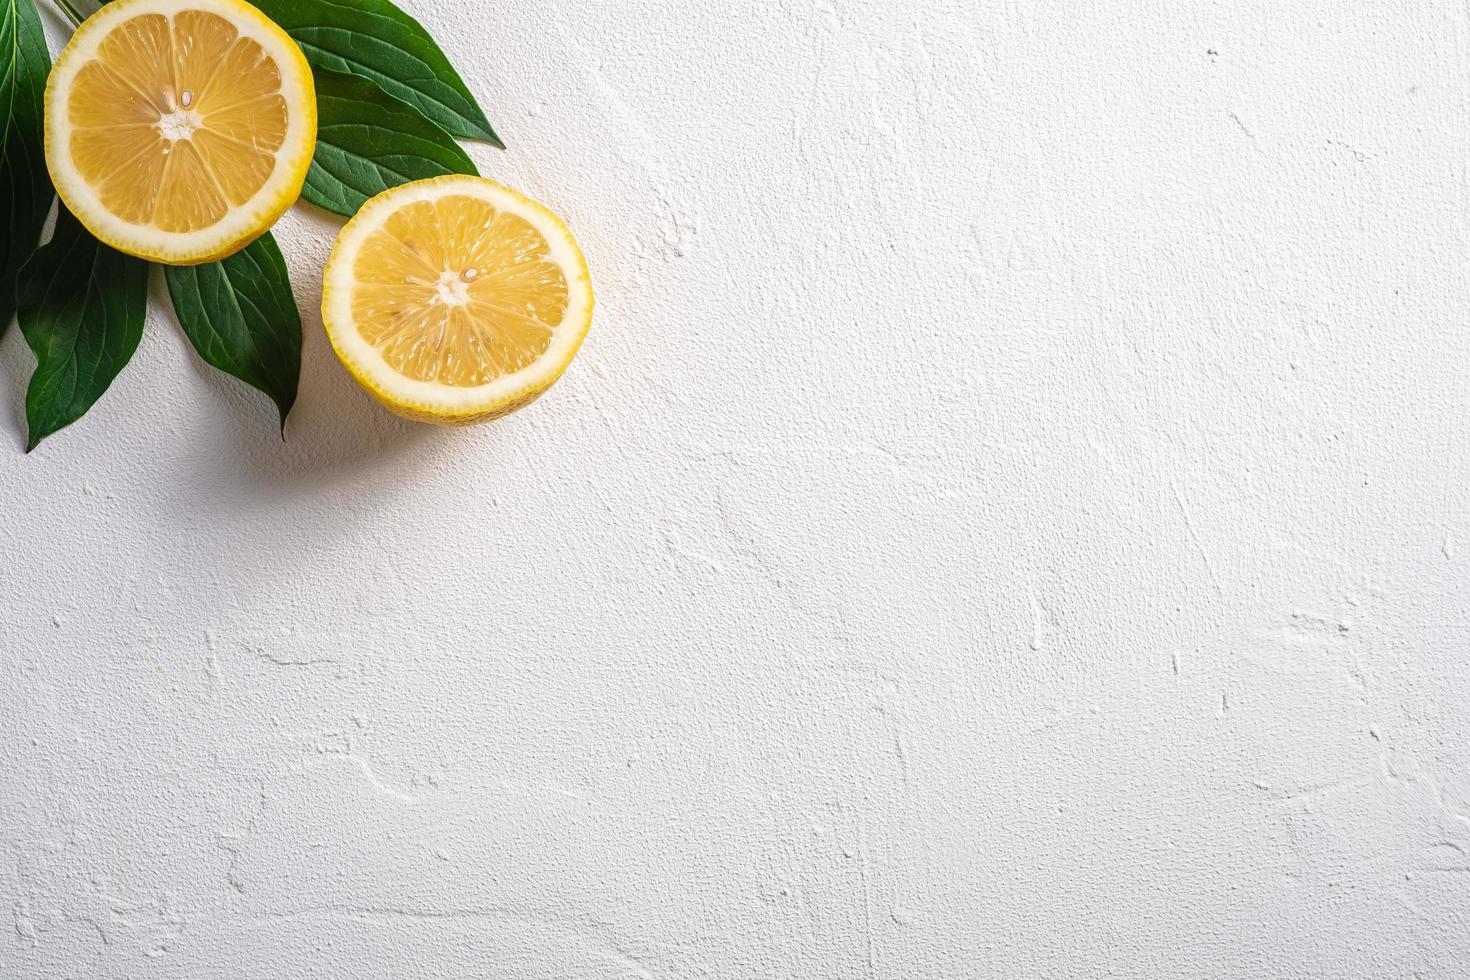 deux tranches de citron avec des feuilles vertes sur fond de béton blanc photo